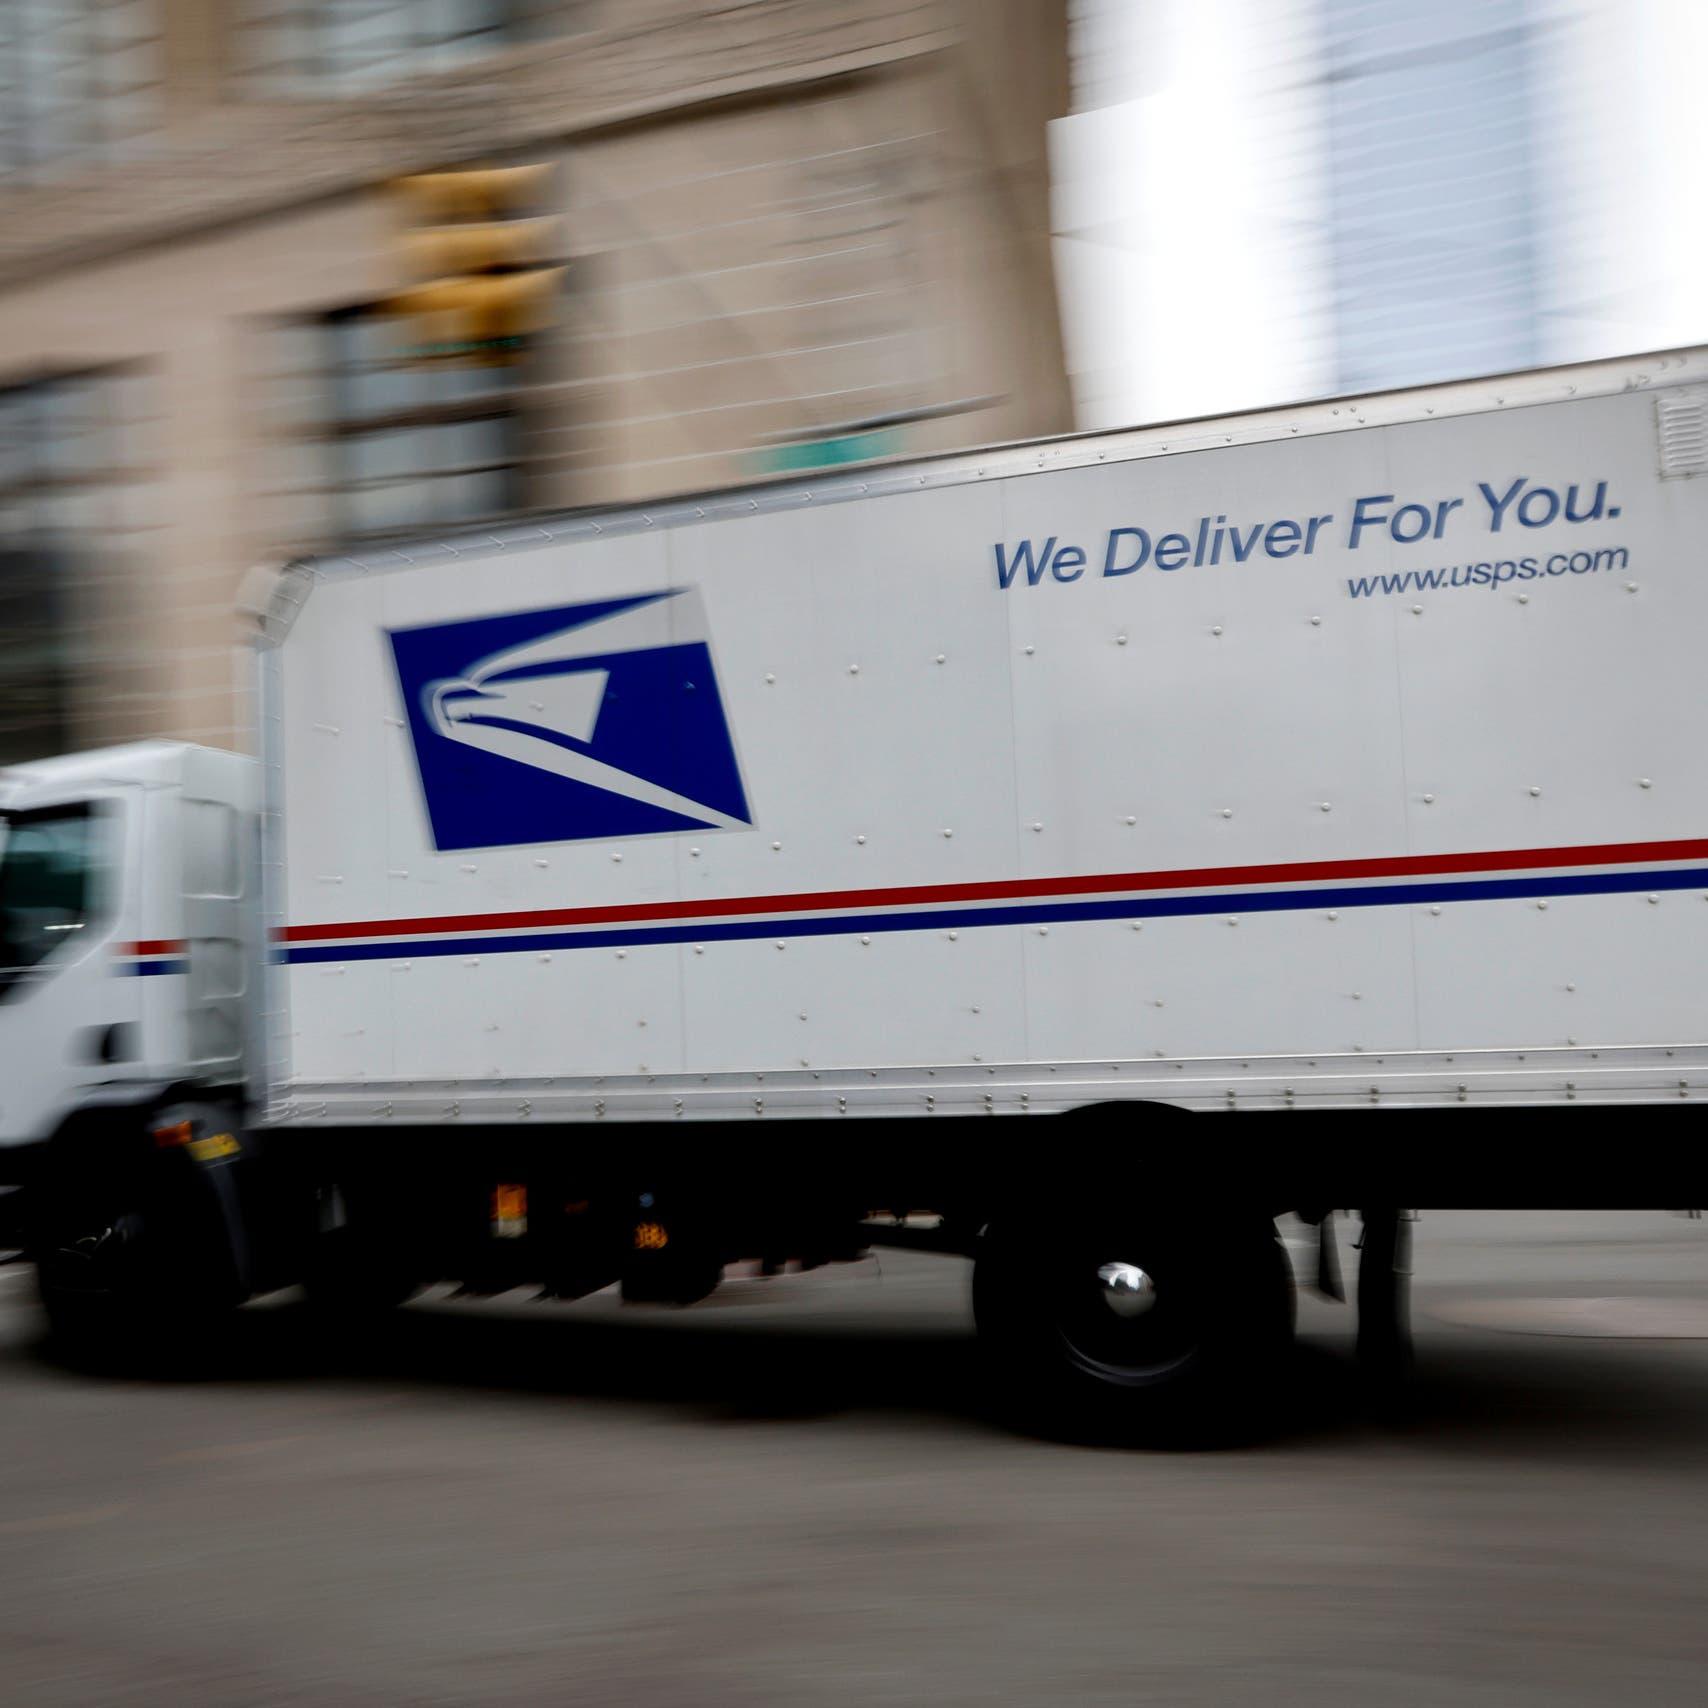 البريد الأميركي يحذر من تأخر إيصال بطاقات الاقتراع للفرز